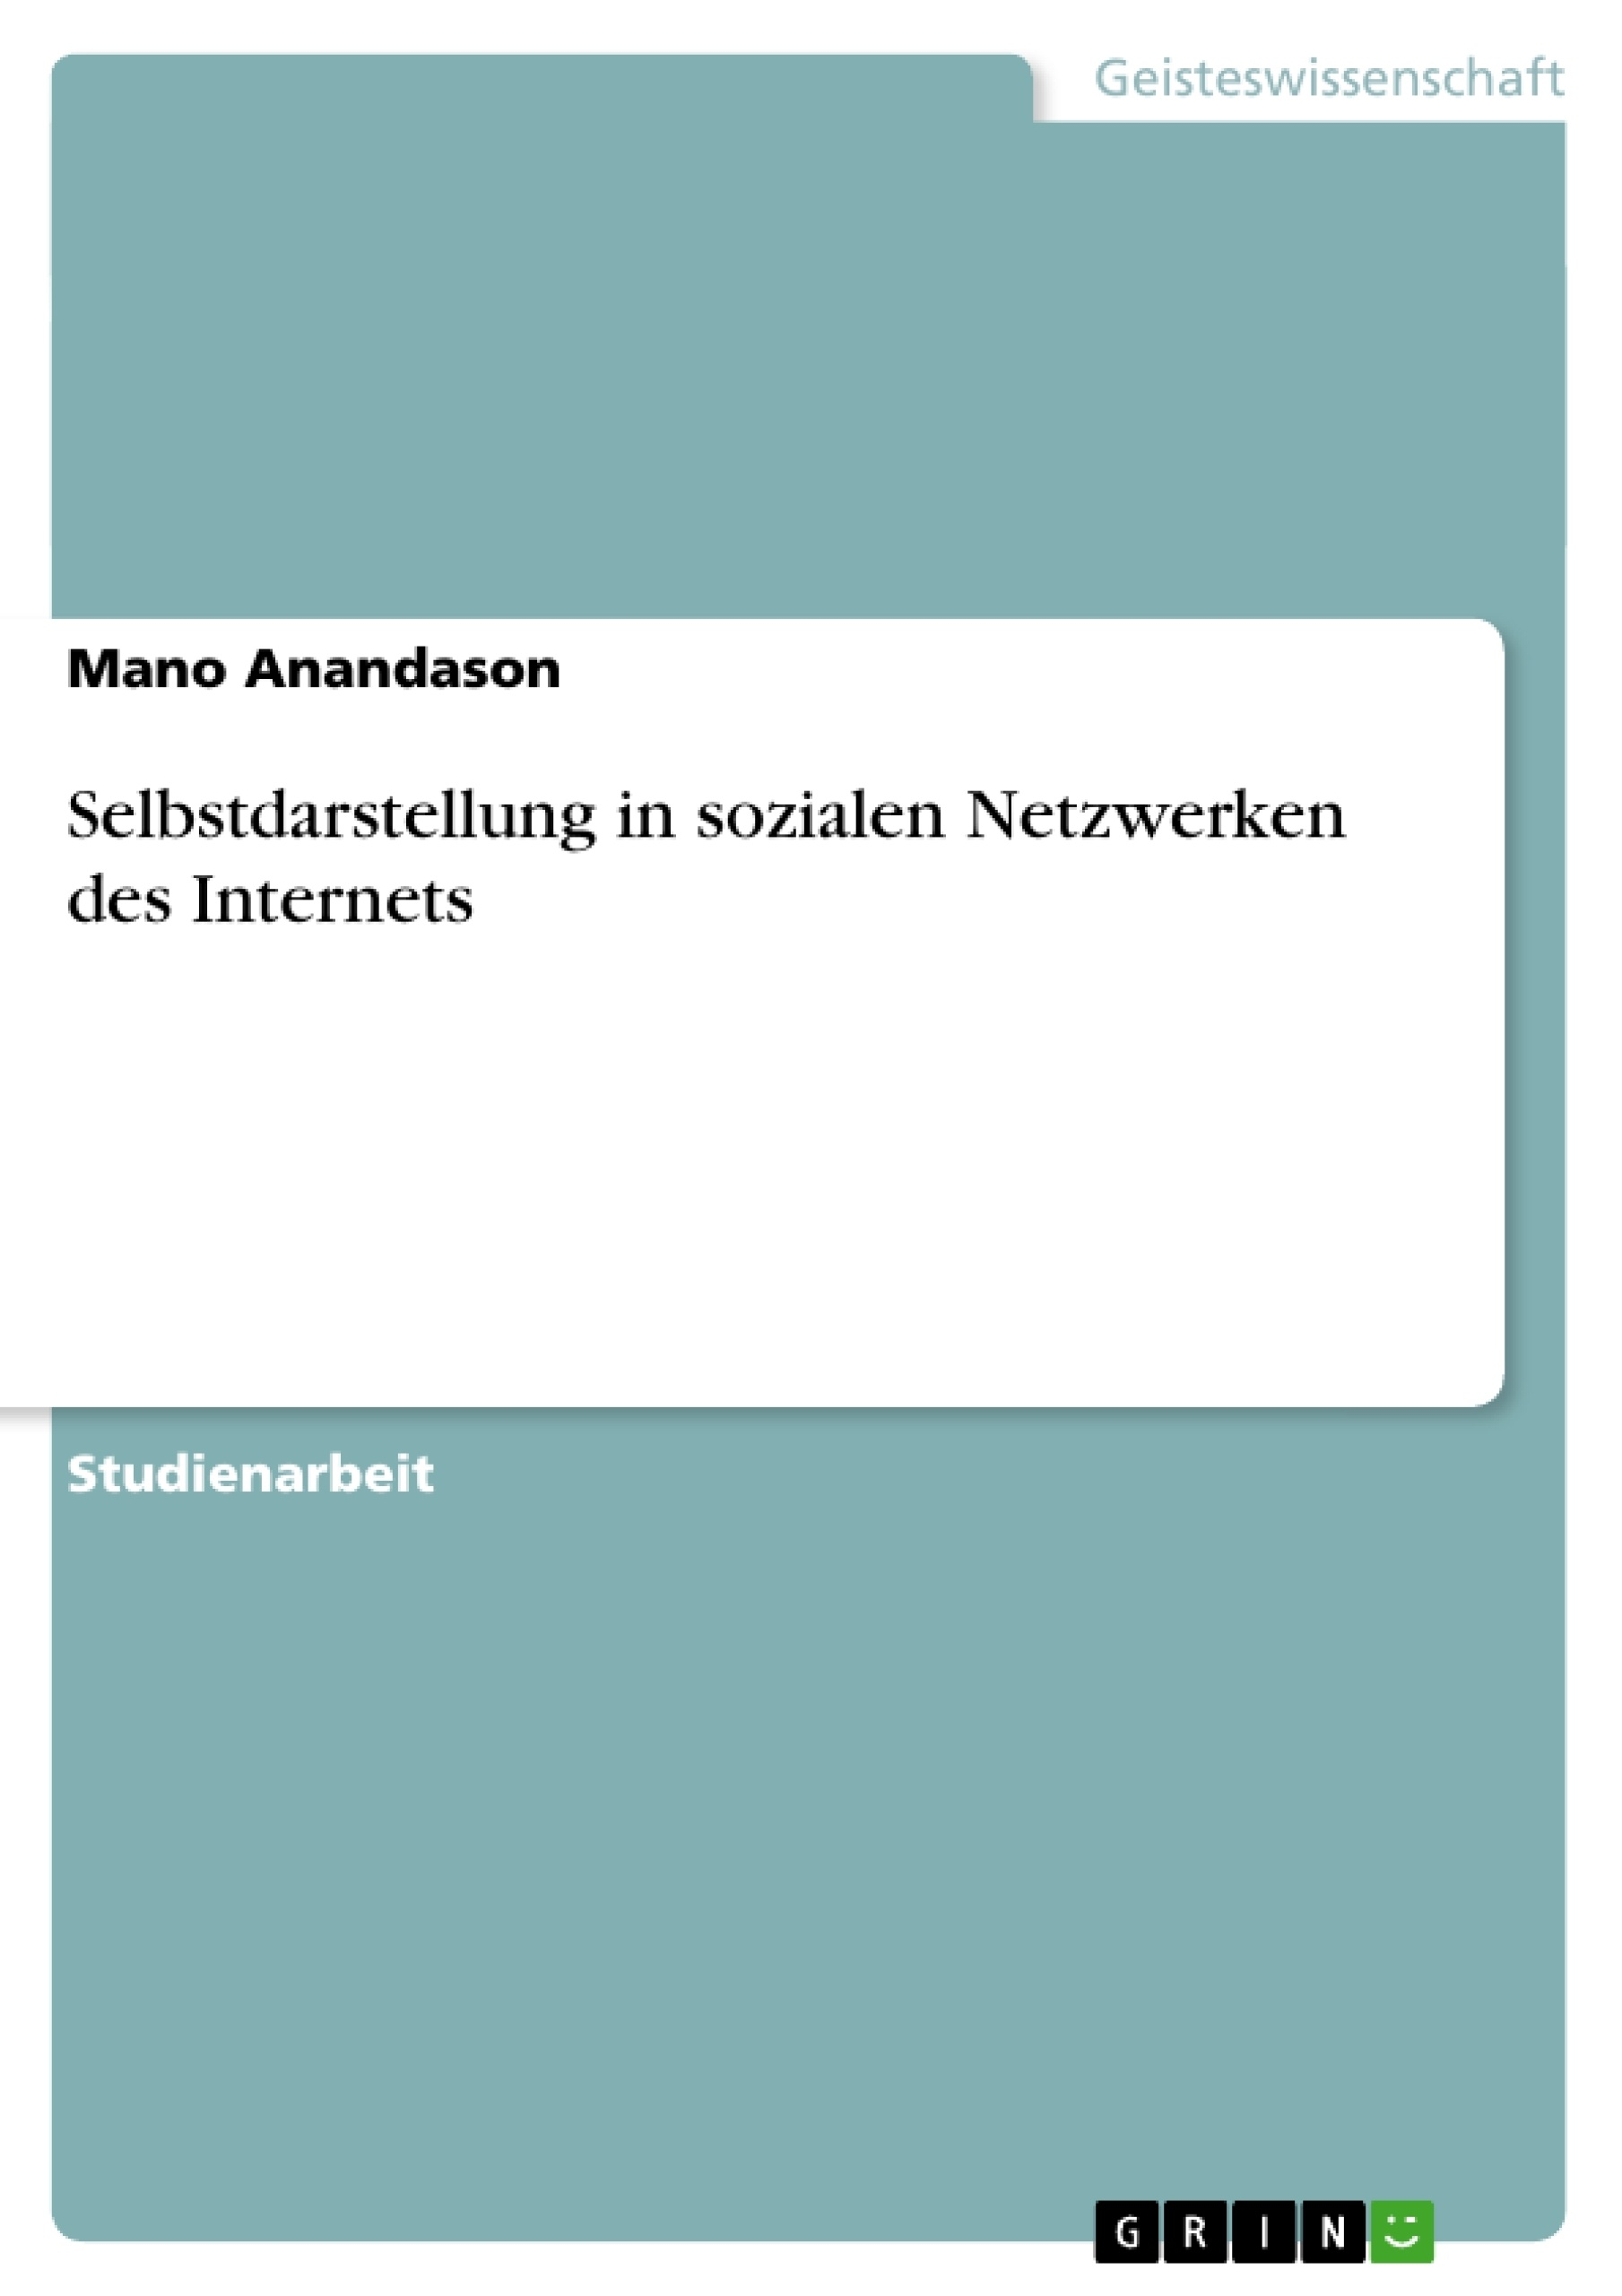 Titel: Selbstdarstellung in sozialen Netzwerken des Internets